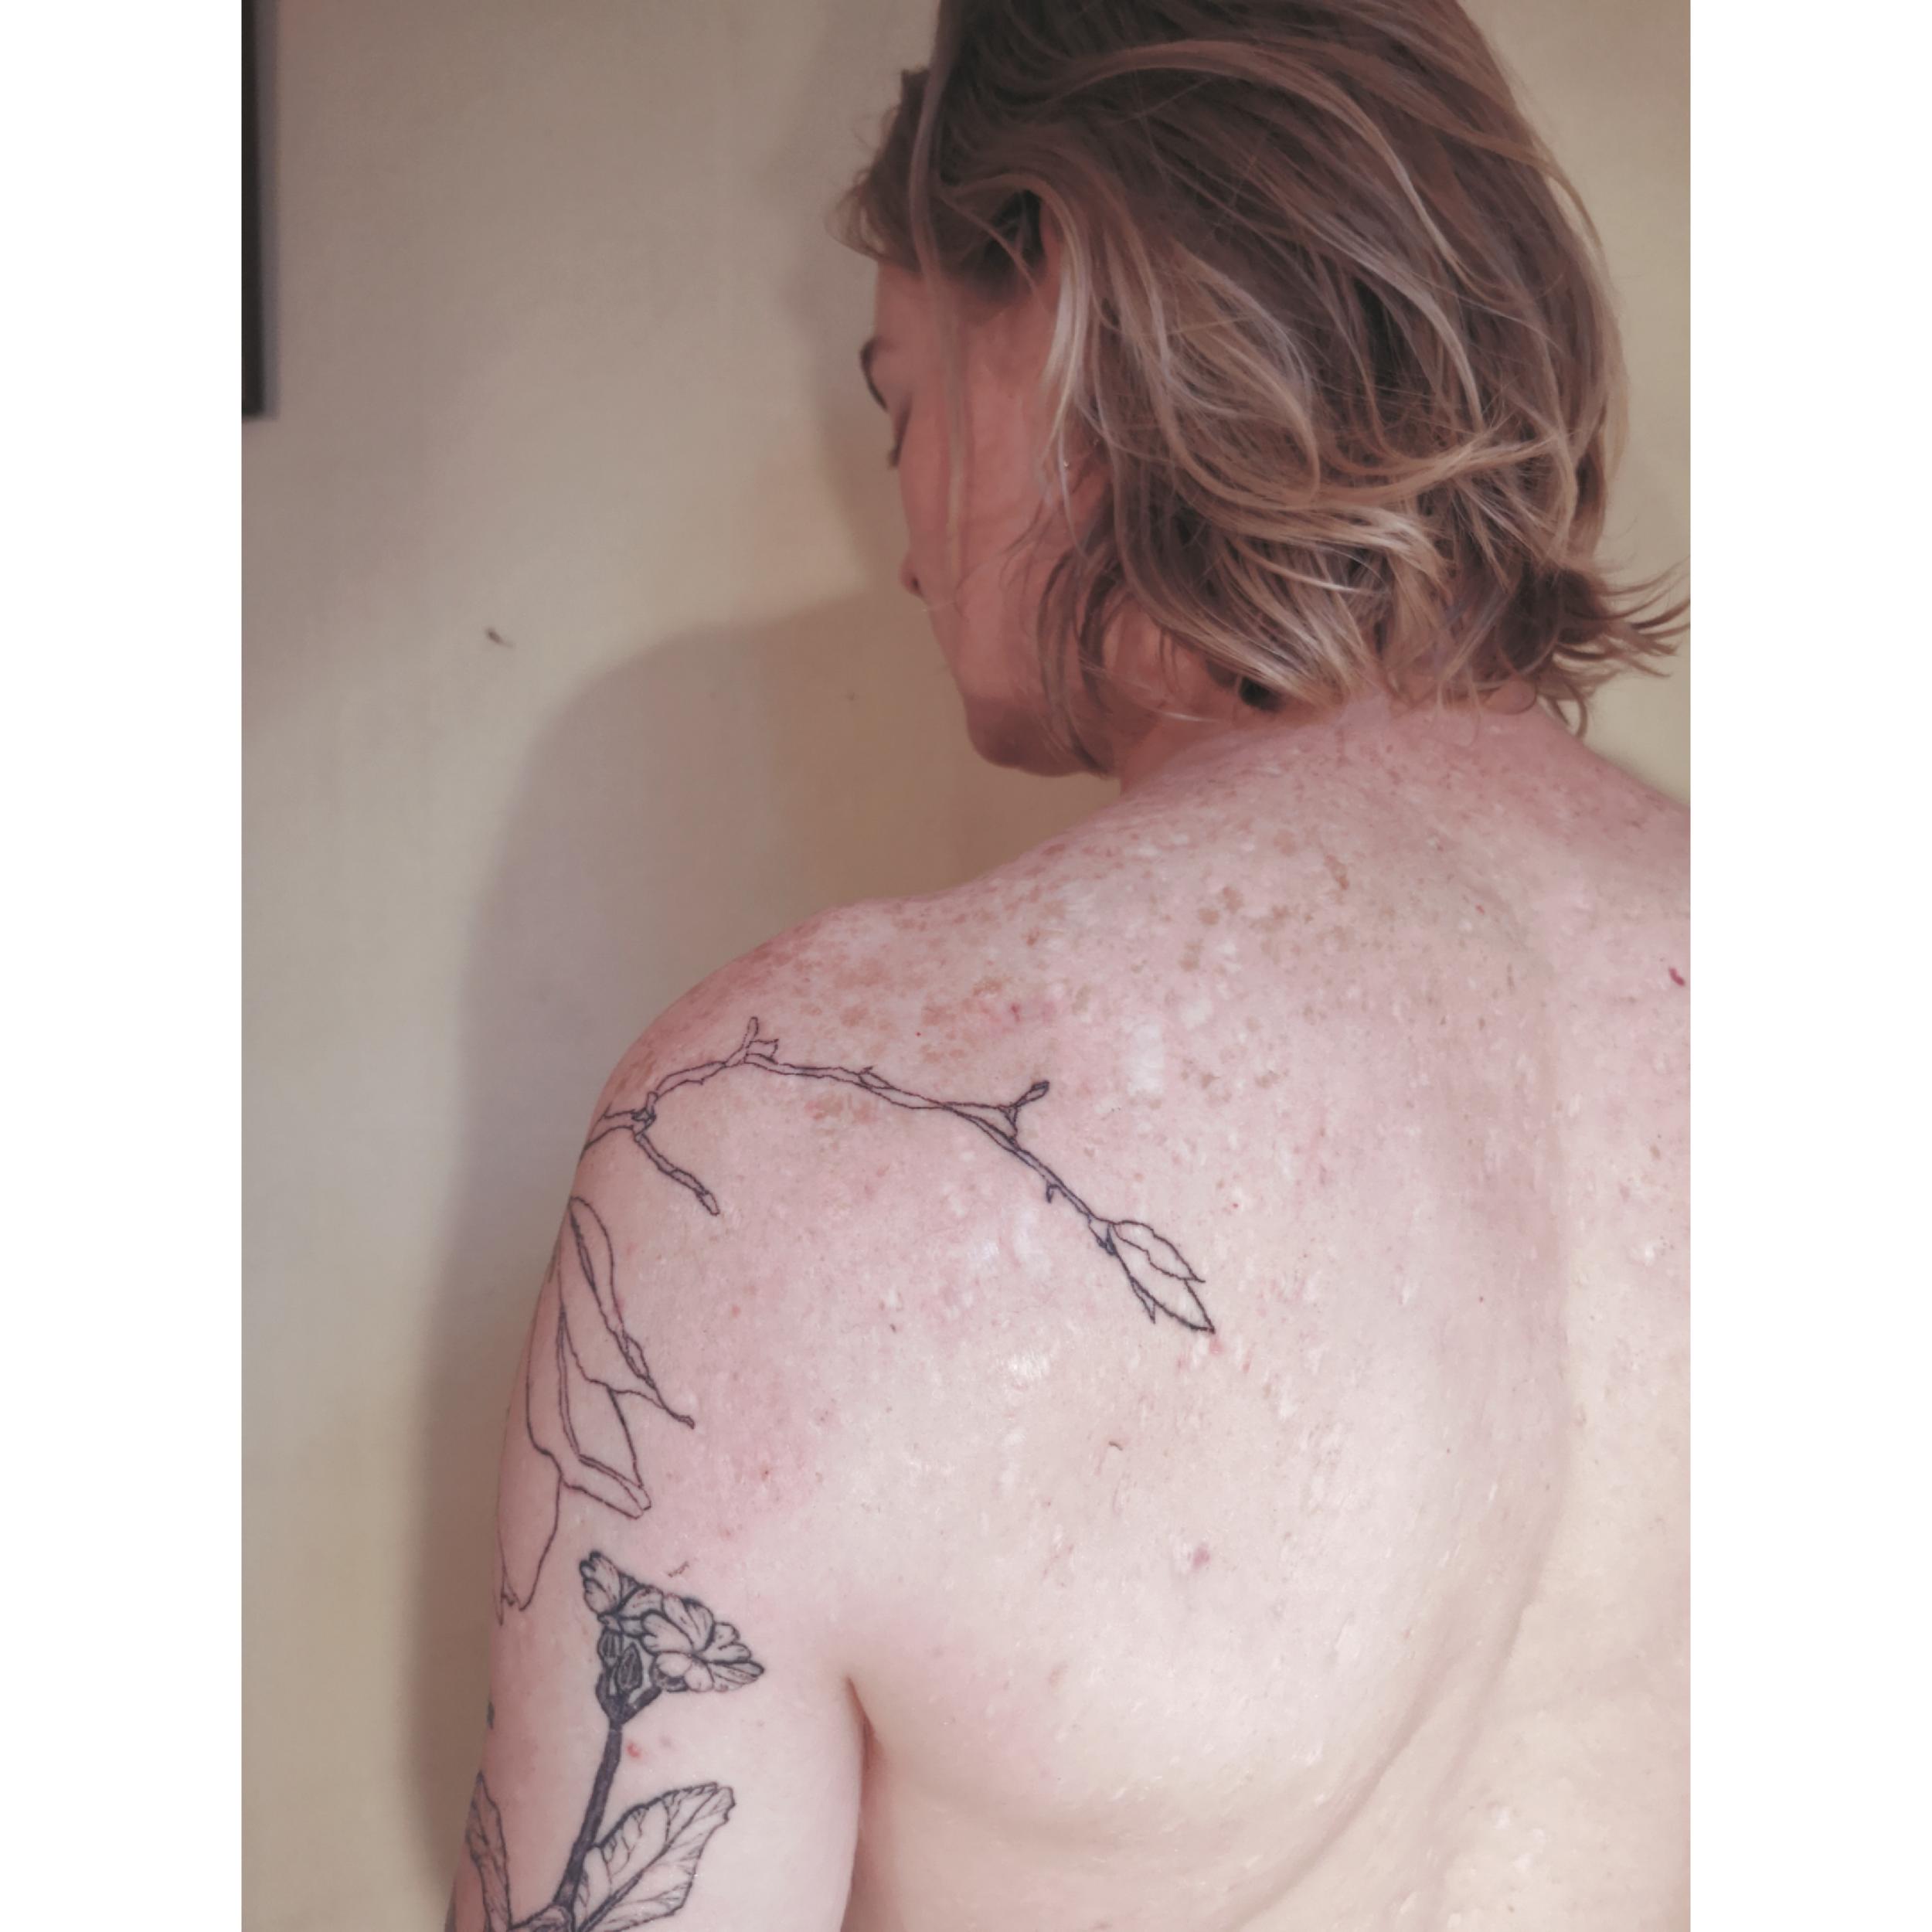 Modification berlin body Piercing —